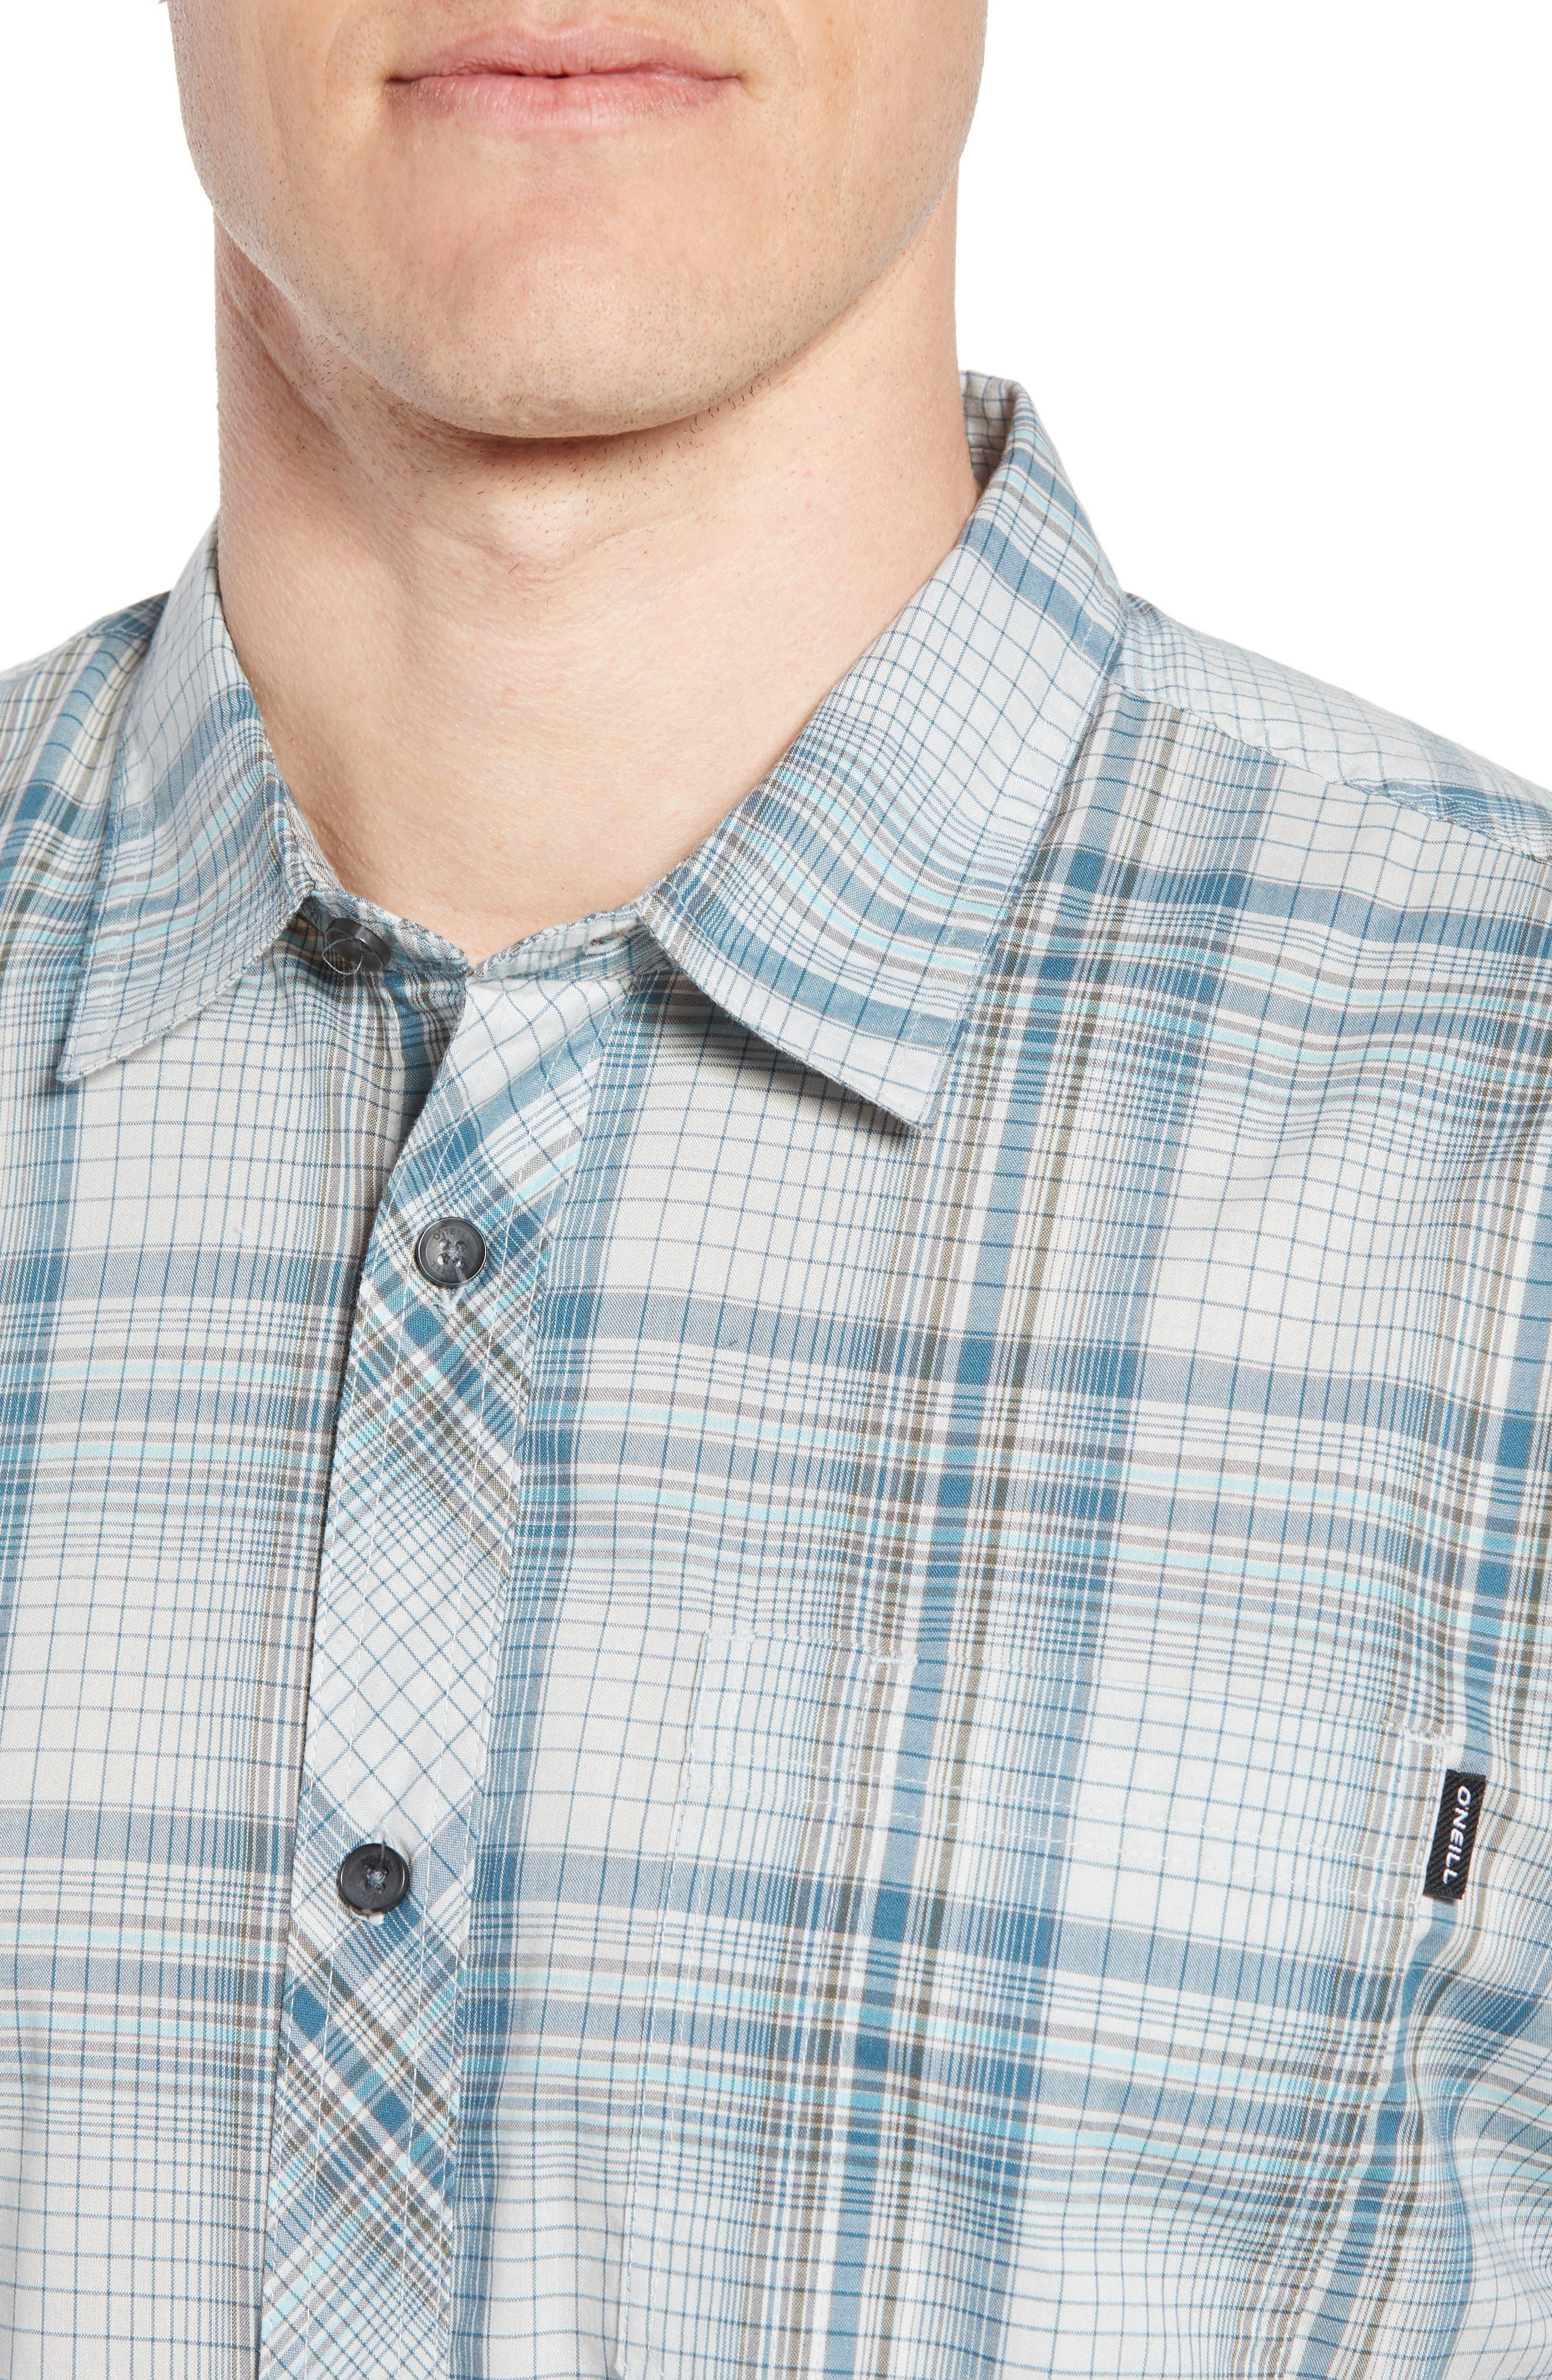 Sturghill Woven Shirt,                             Alternate thumbnail 4, color,                             036